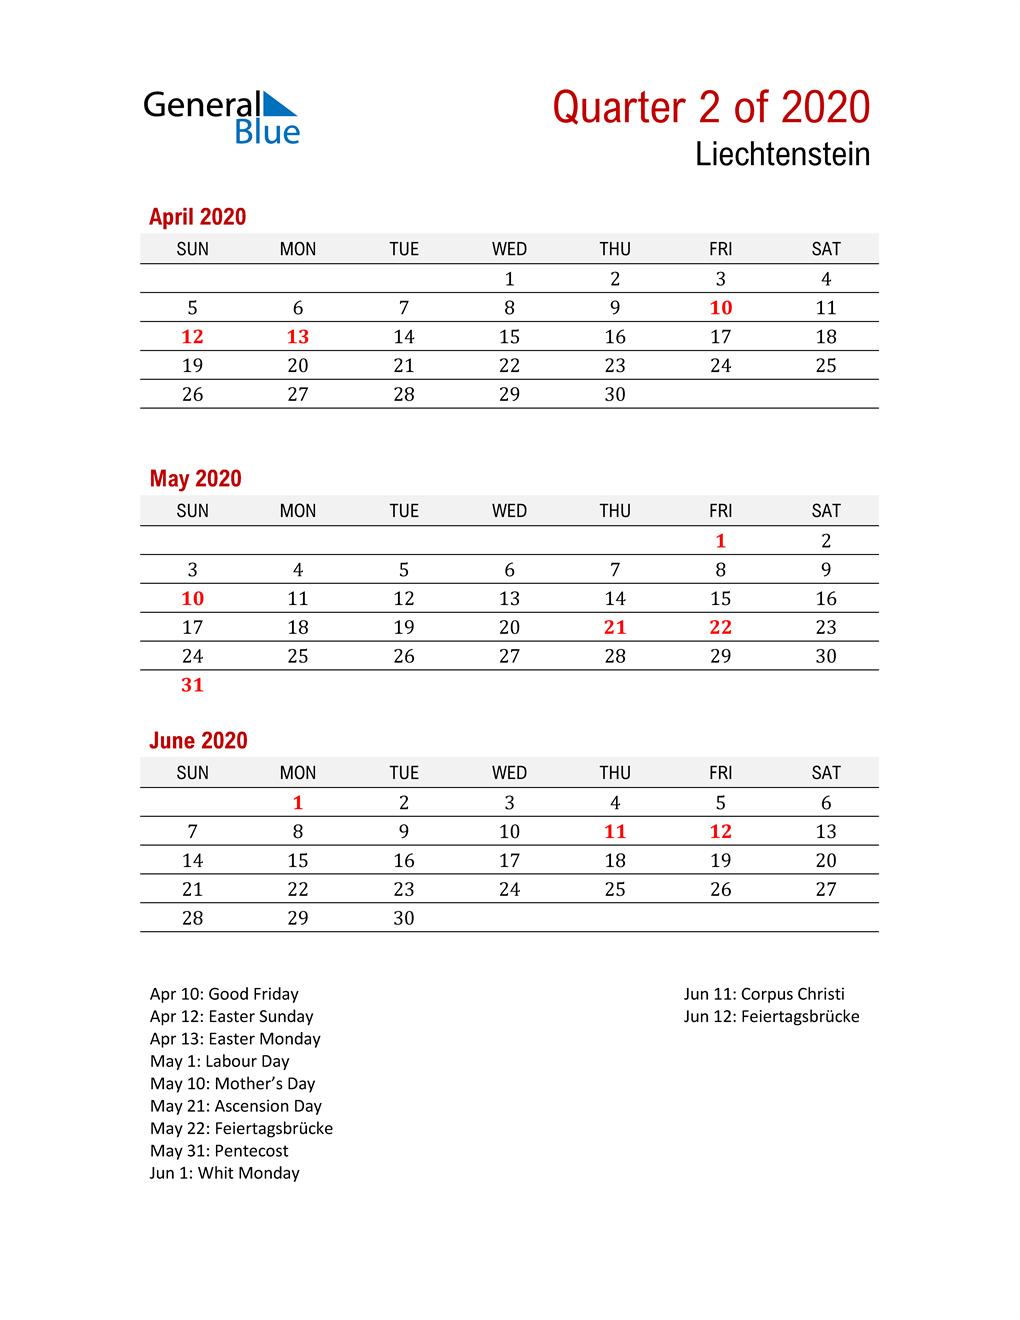 Printable Three Month Calendar for Liechtenstein